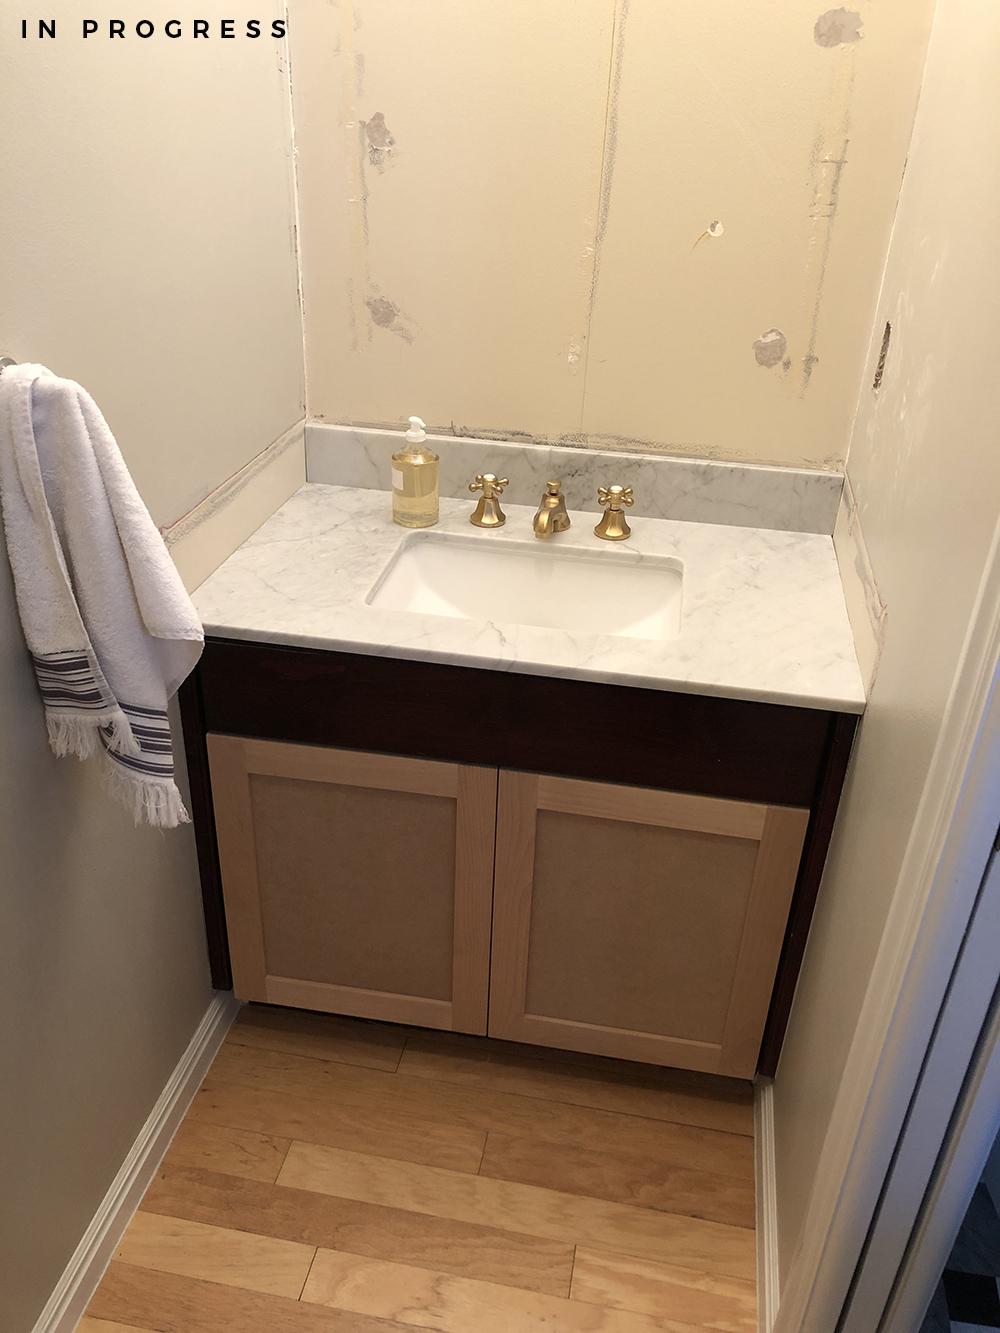 Powder Bath Makeover Design Plan - roomfortuesday.com